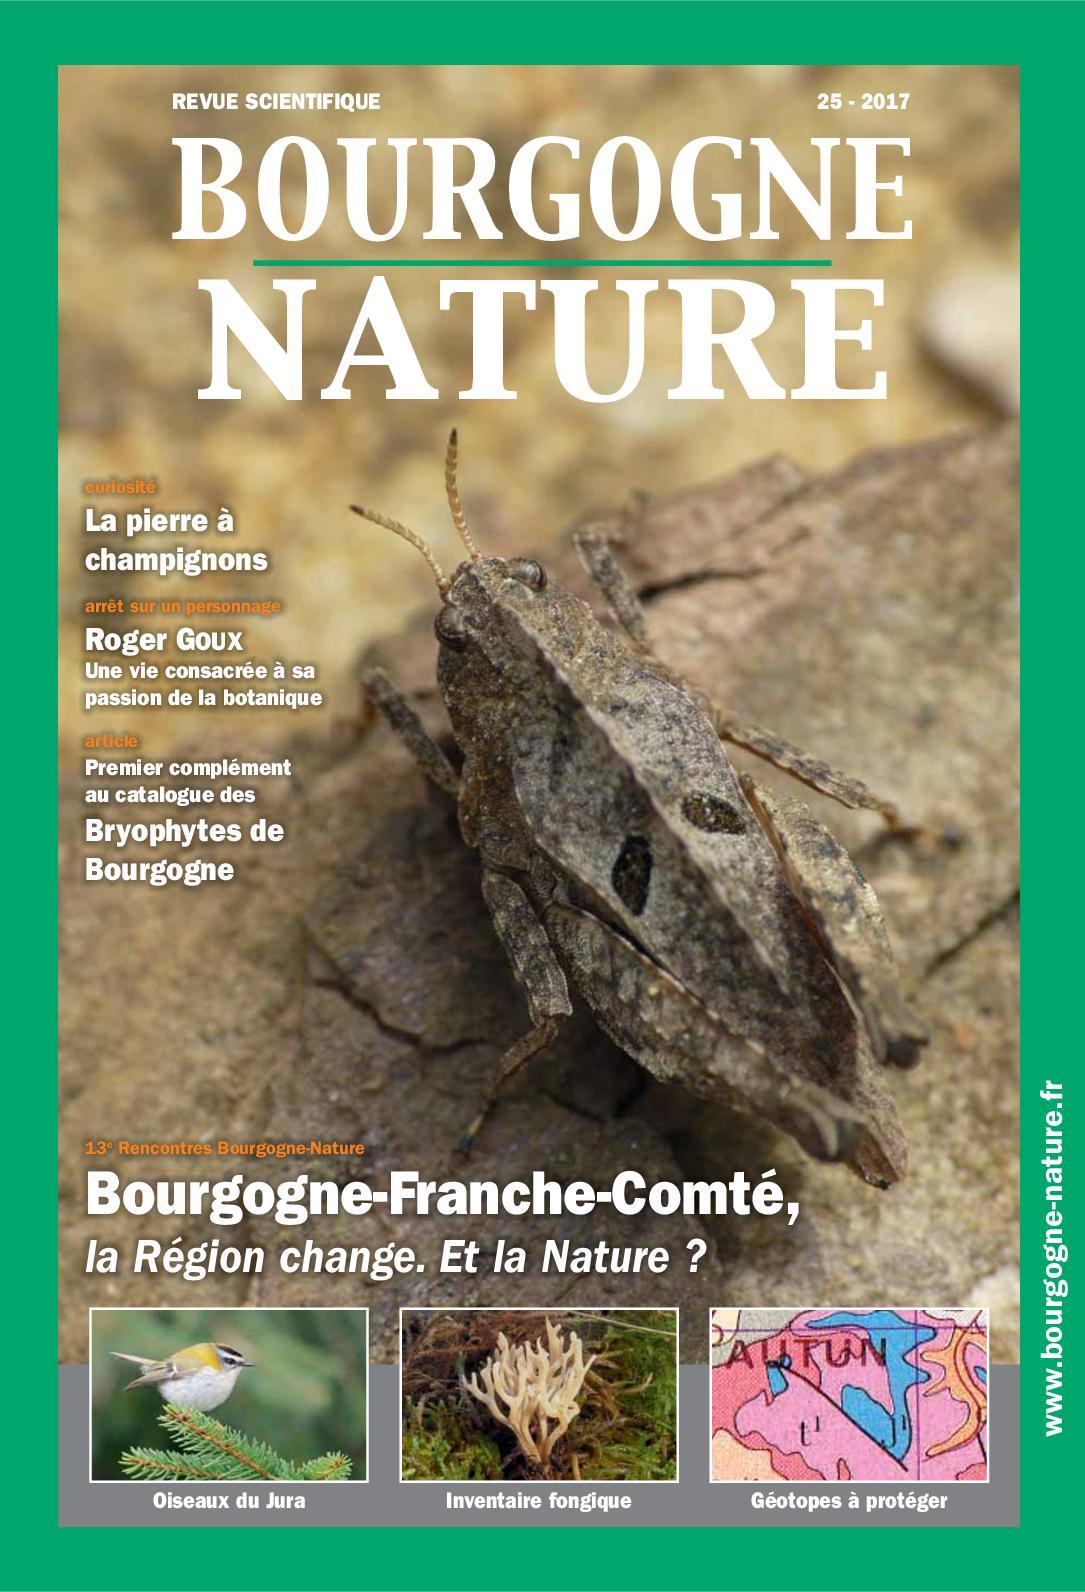 Bourgogne Bourgogne Nature Bourgogne Nature Calaméo N°25 Nature Bourgogne Calaméo N°25 N°25 Calaméo Calaméo 5jR3AL4